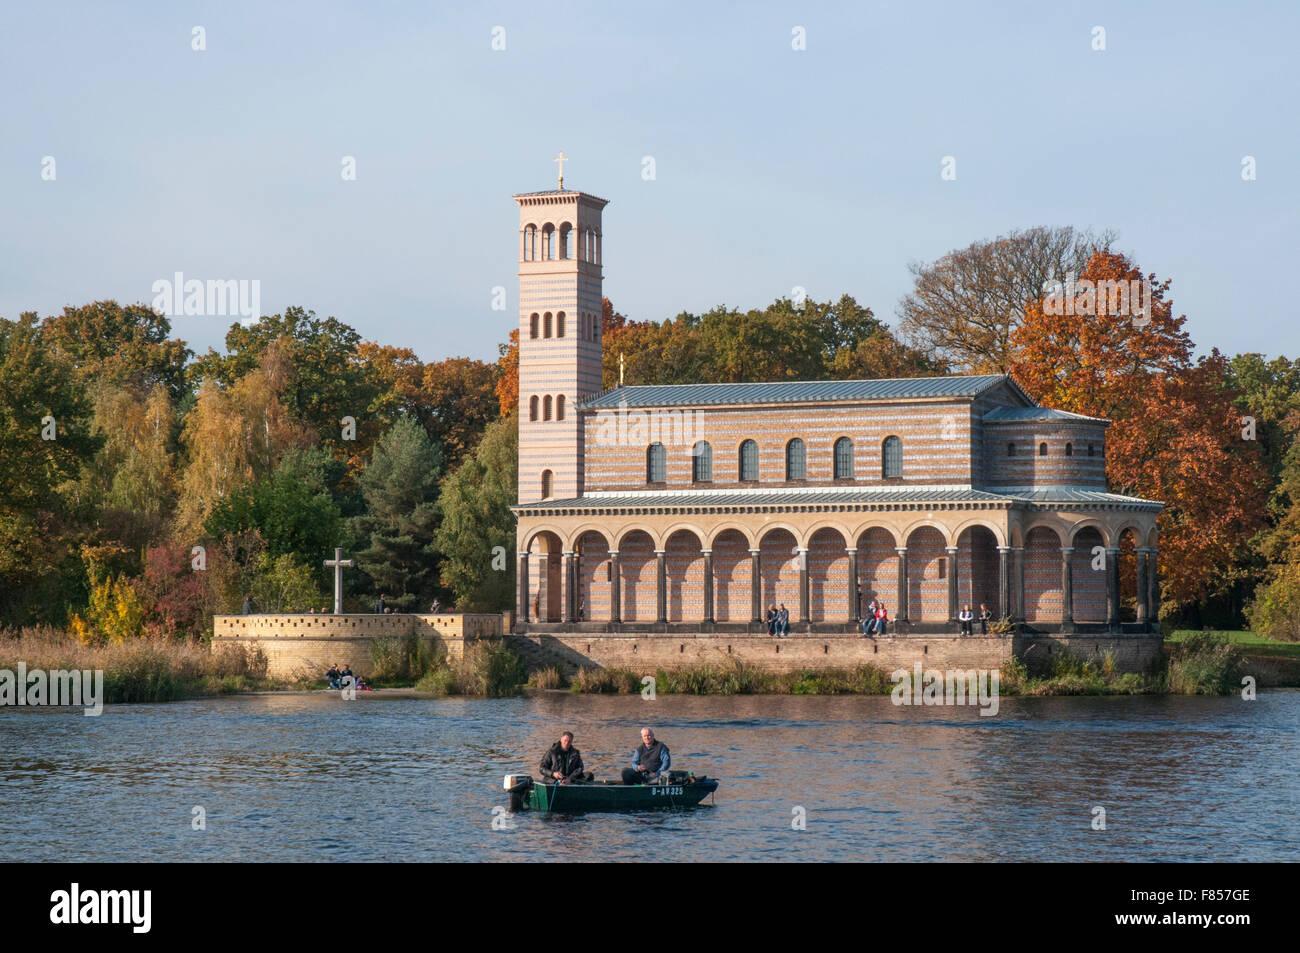 La Heilandskirche Sacrower sobre el Havel waterway cerca de Potsdam, dividido en dos por la Guerra Fría frontera Imagen De Stock